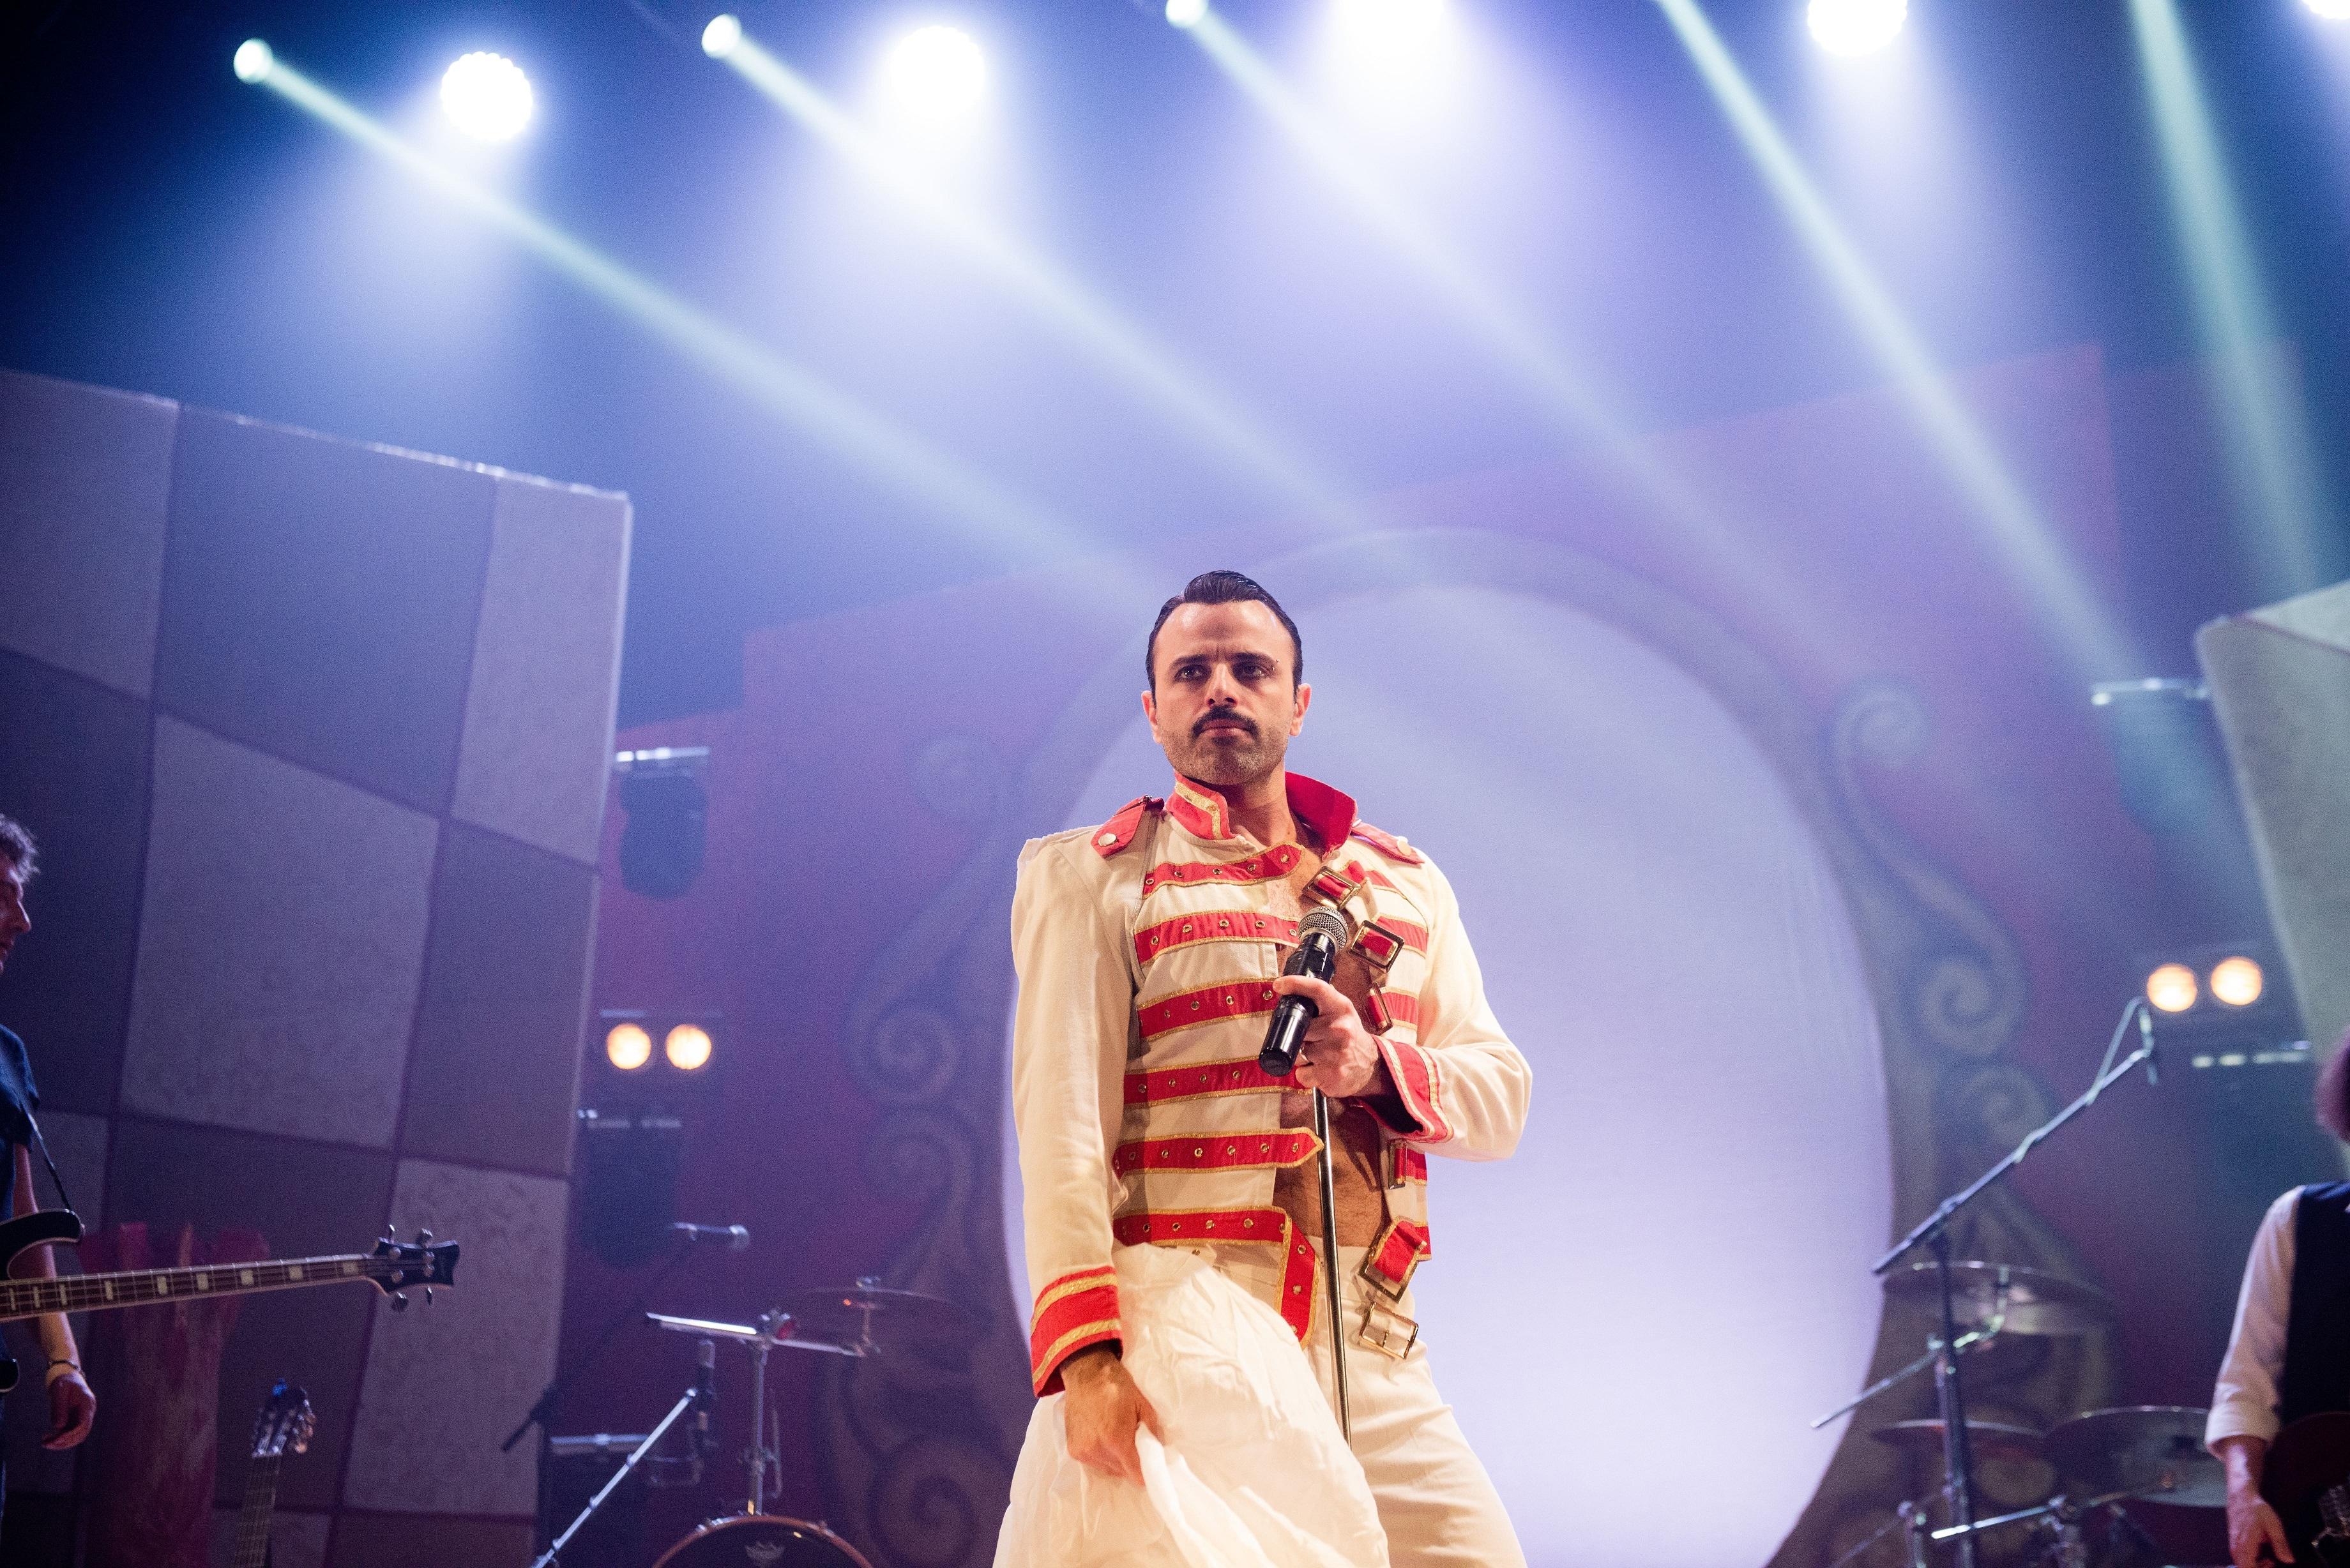 Queen-Rhapsody-309-2-min